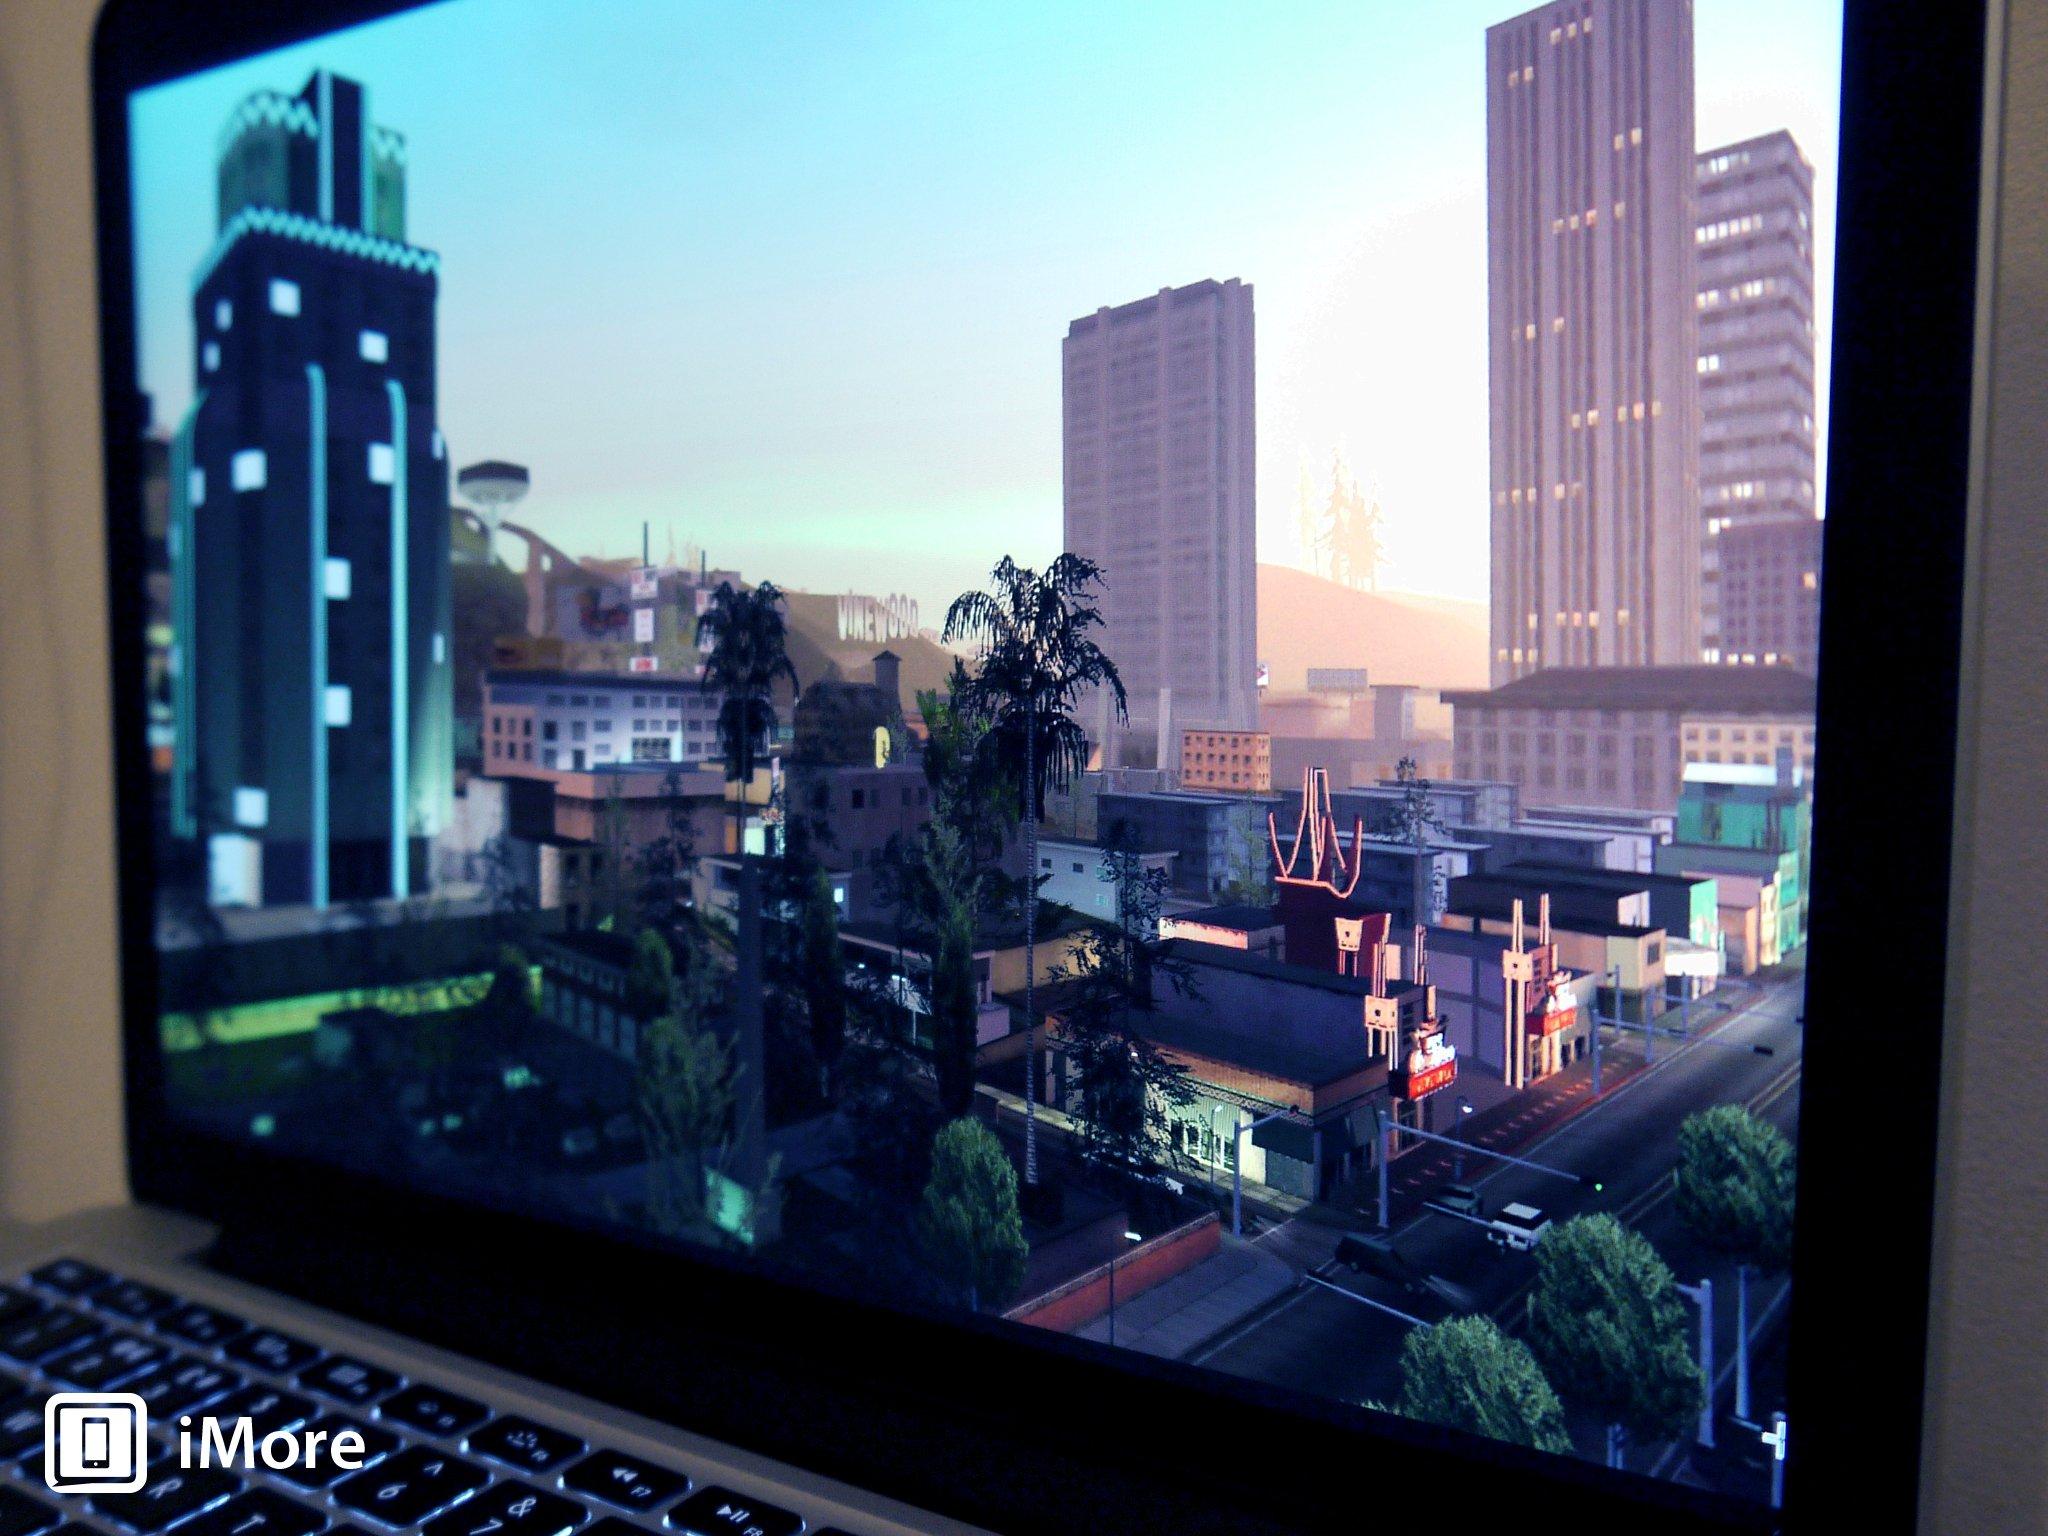 Wallpaper Gta San Andreas Hd Gta San Andreas And Vice City For Mac On Sale At Amazon